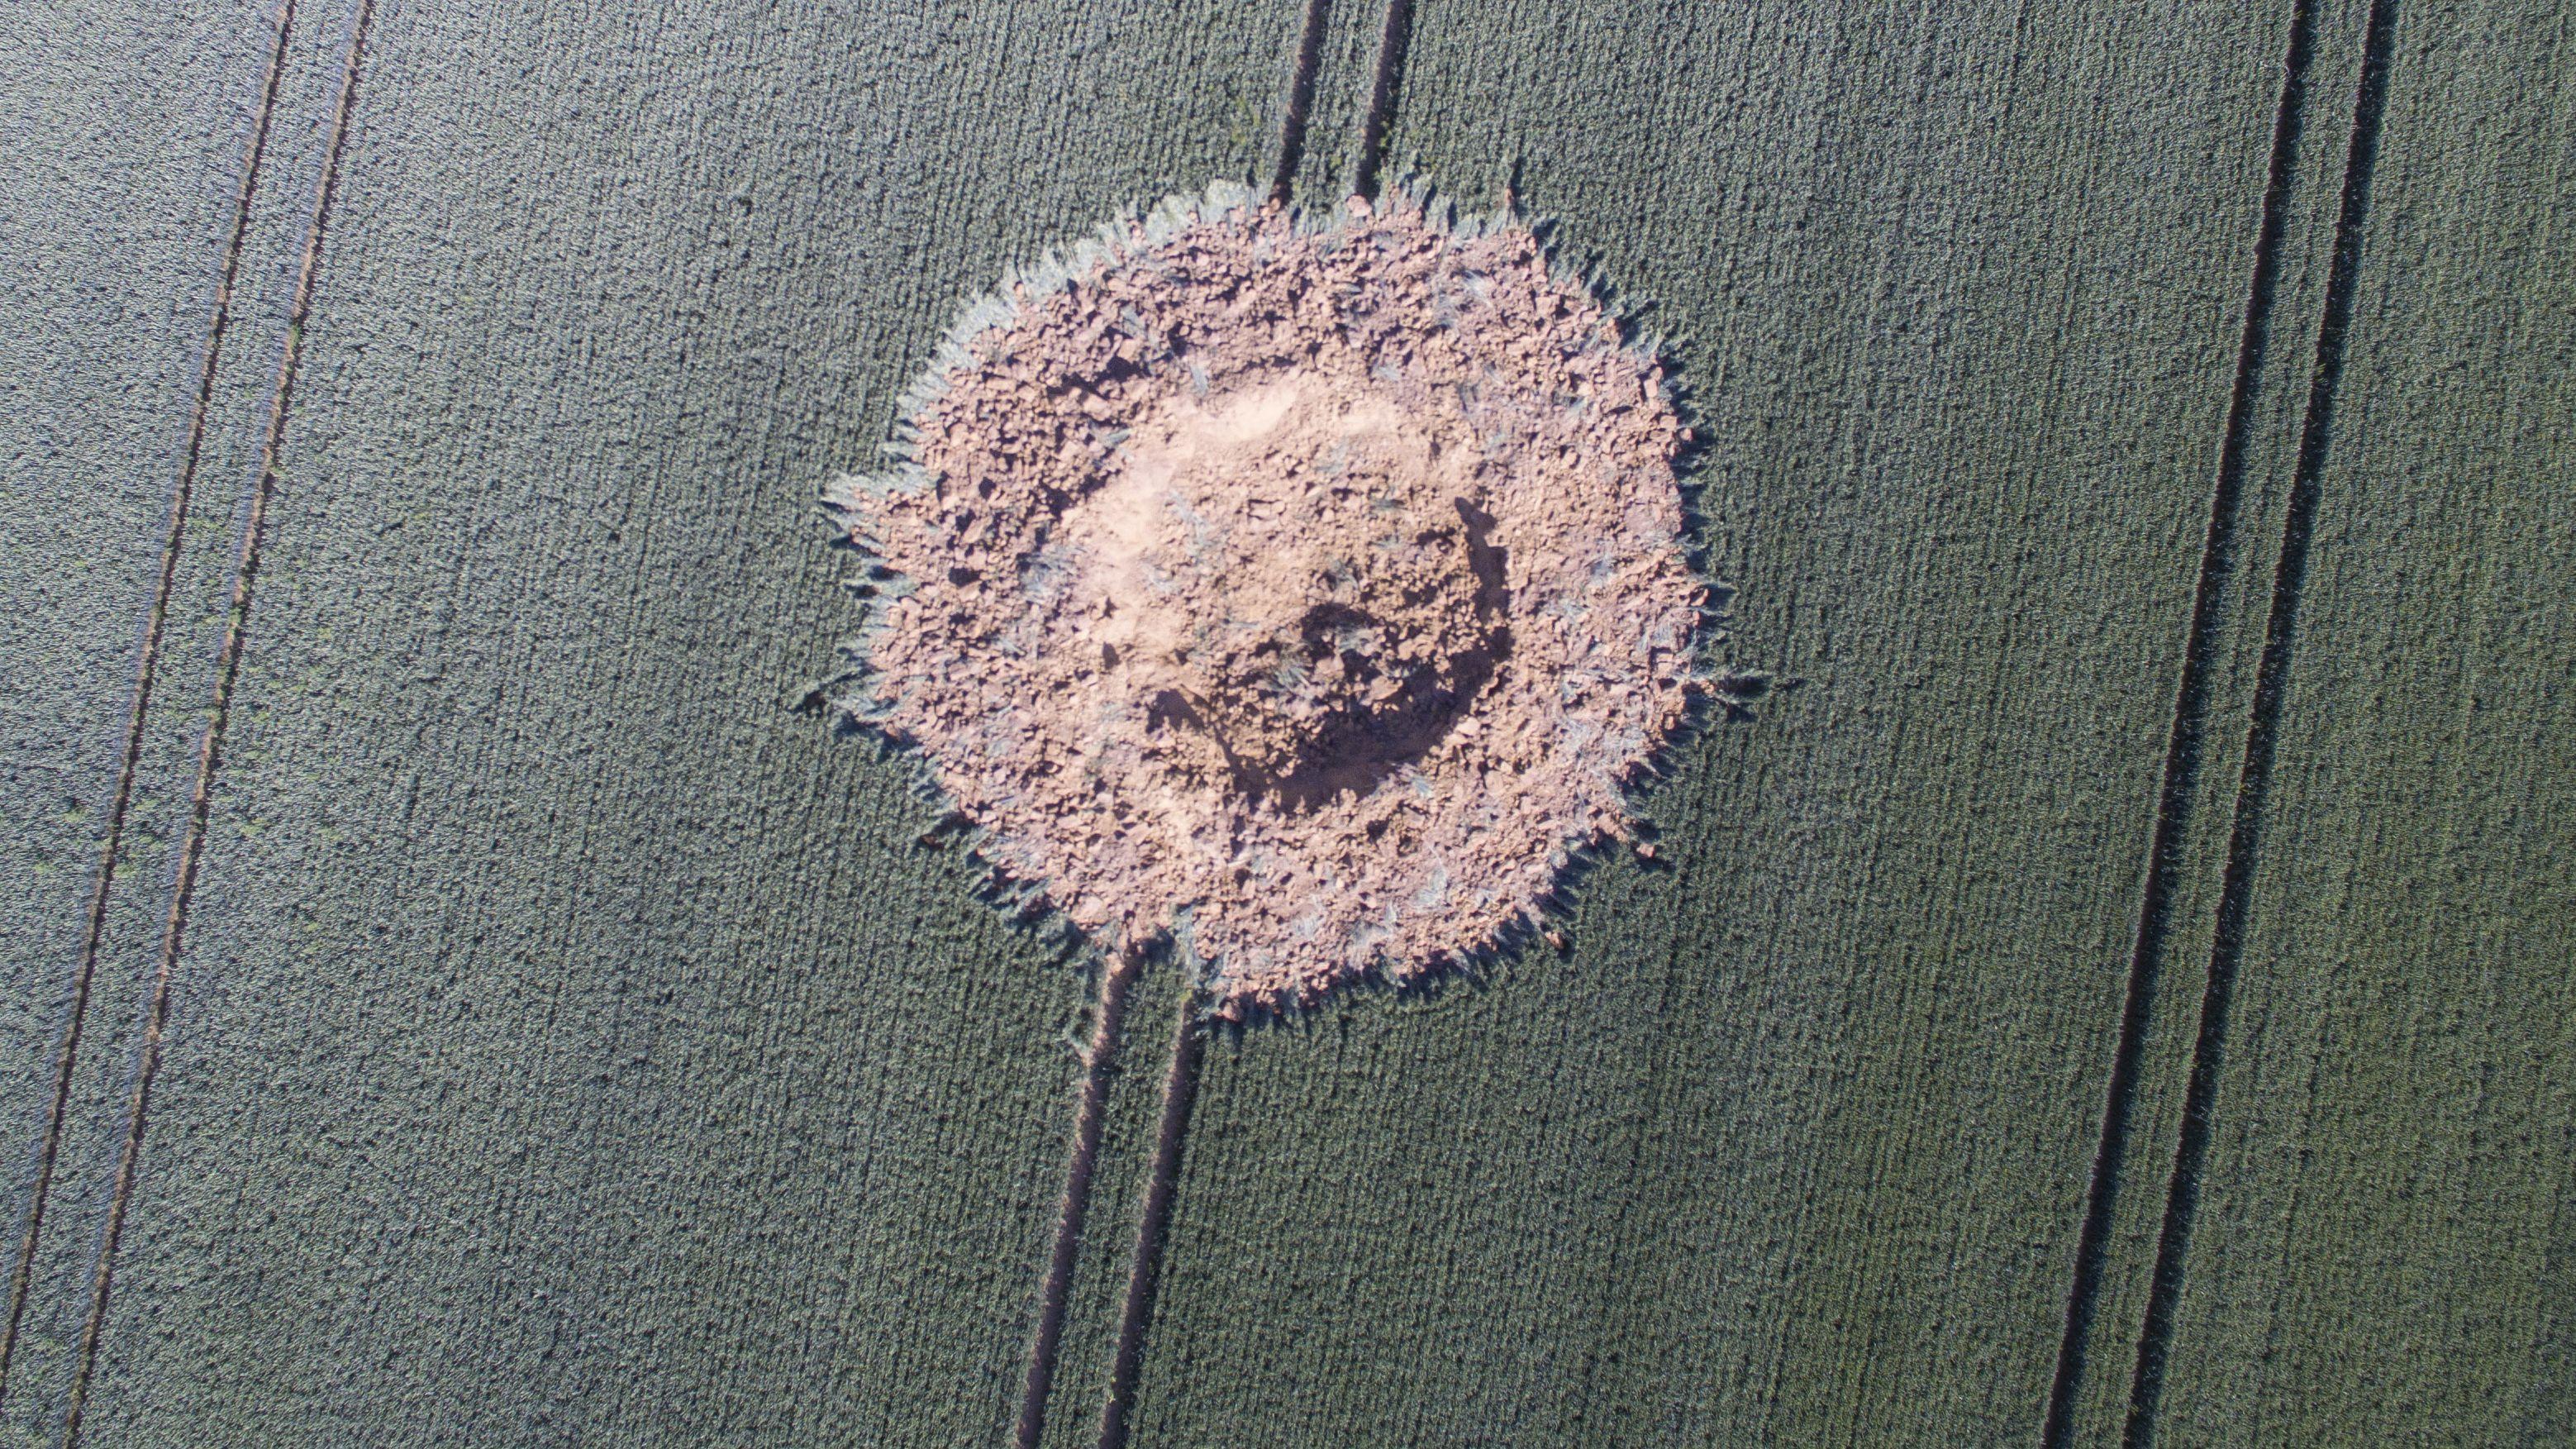 Krater nach Explosion einer Weltkriegsbombe